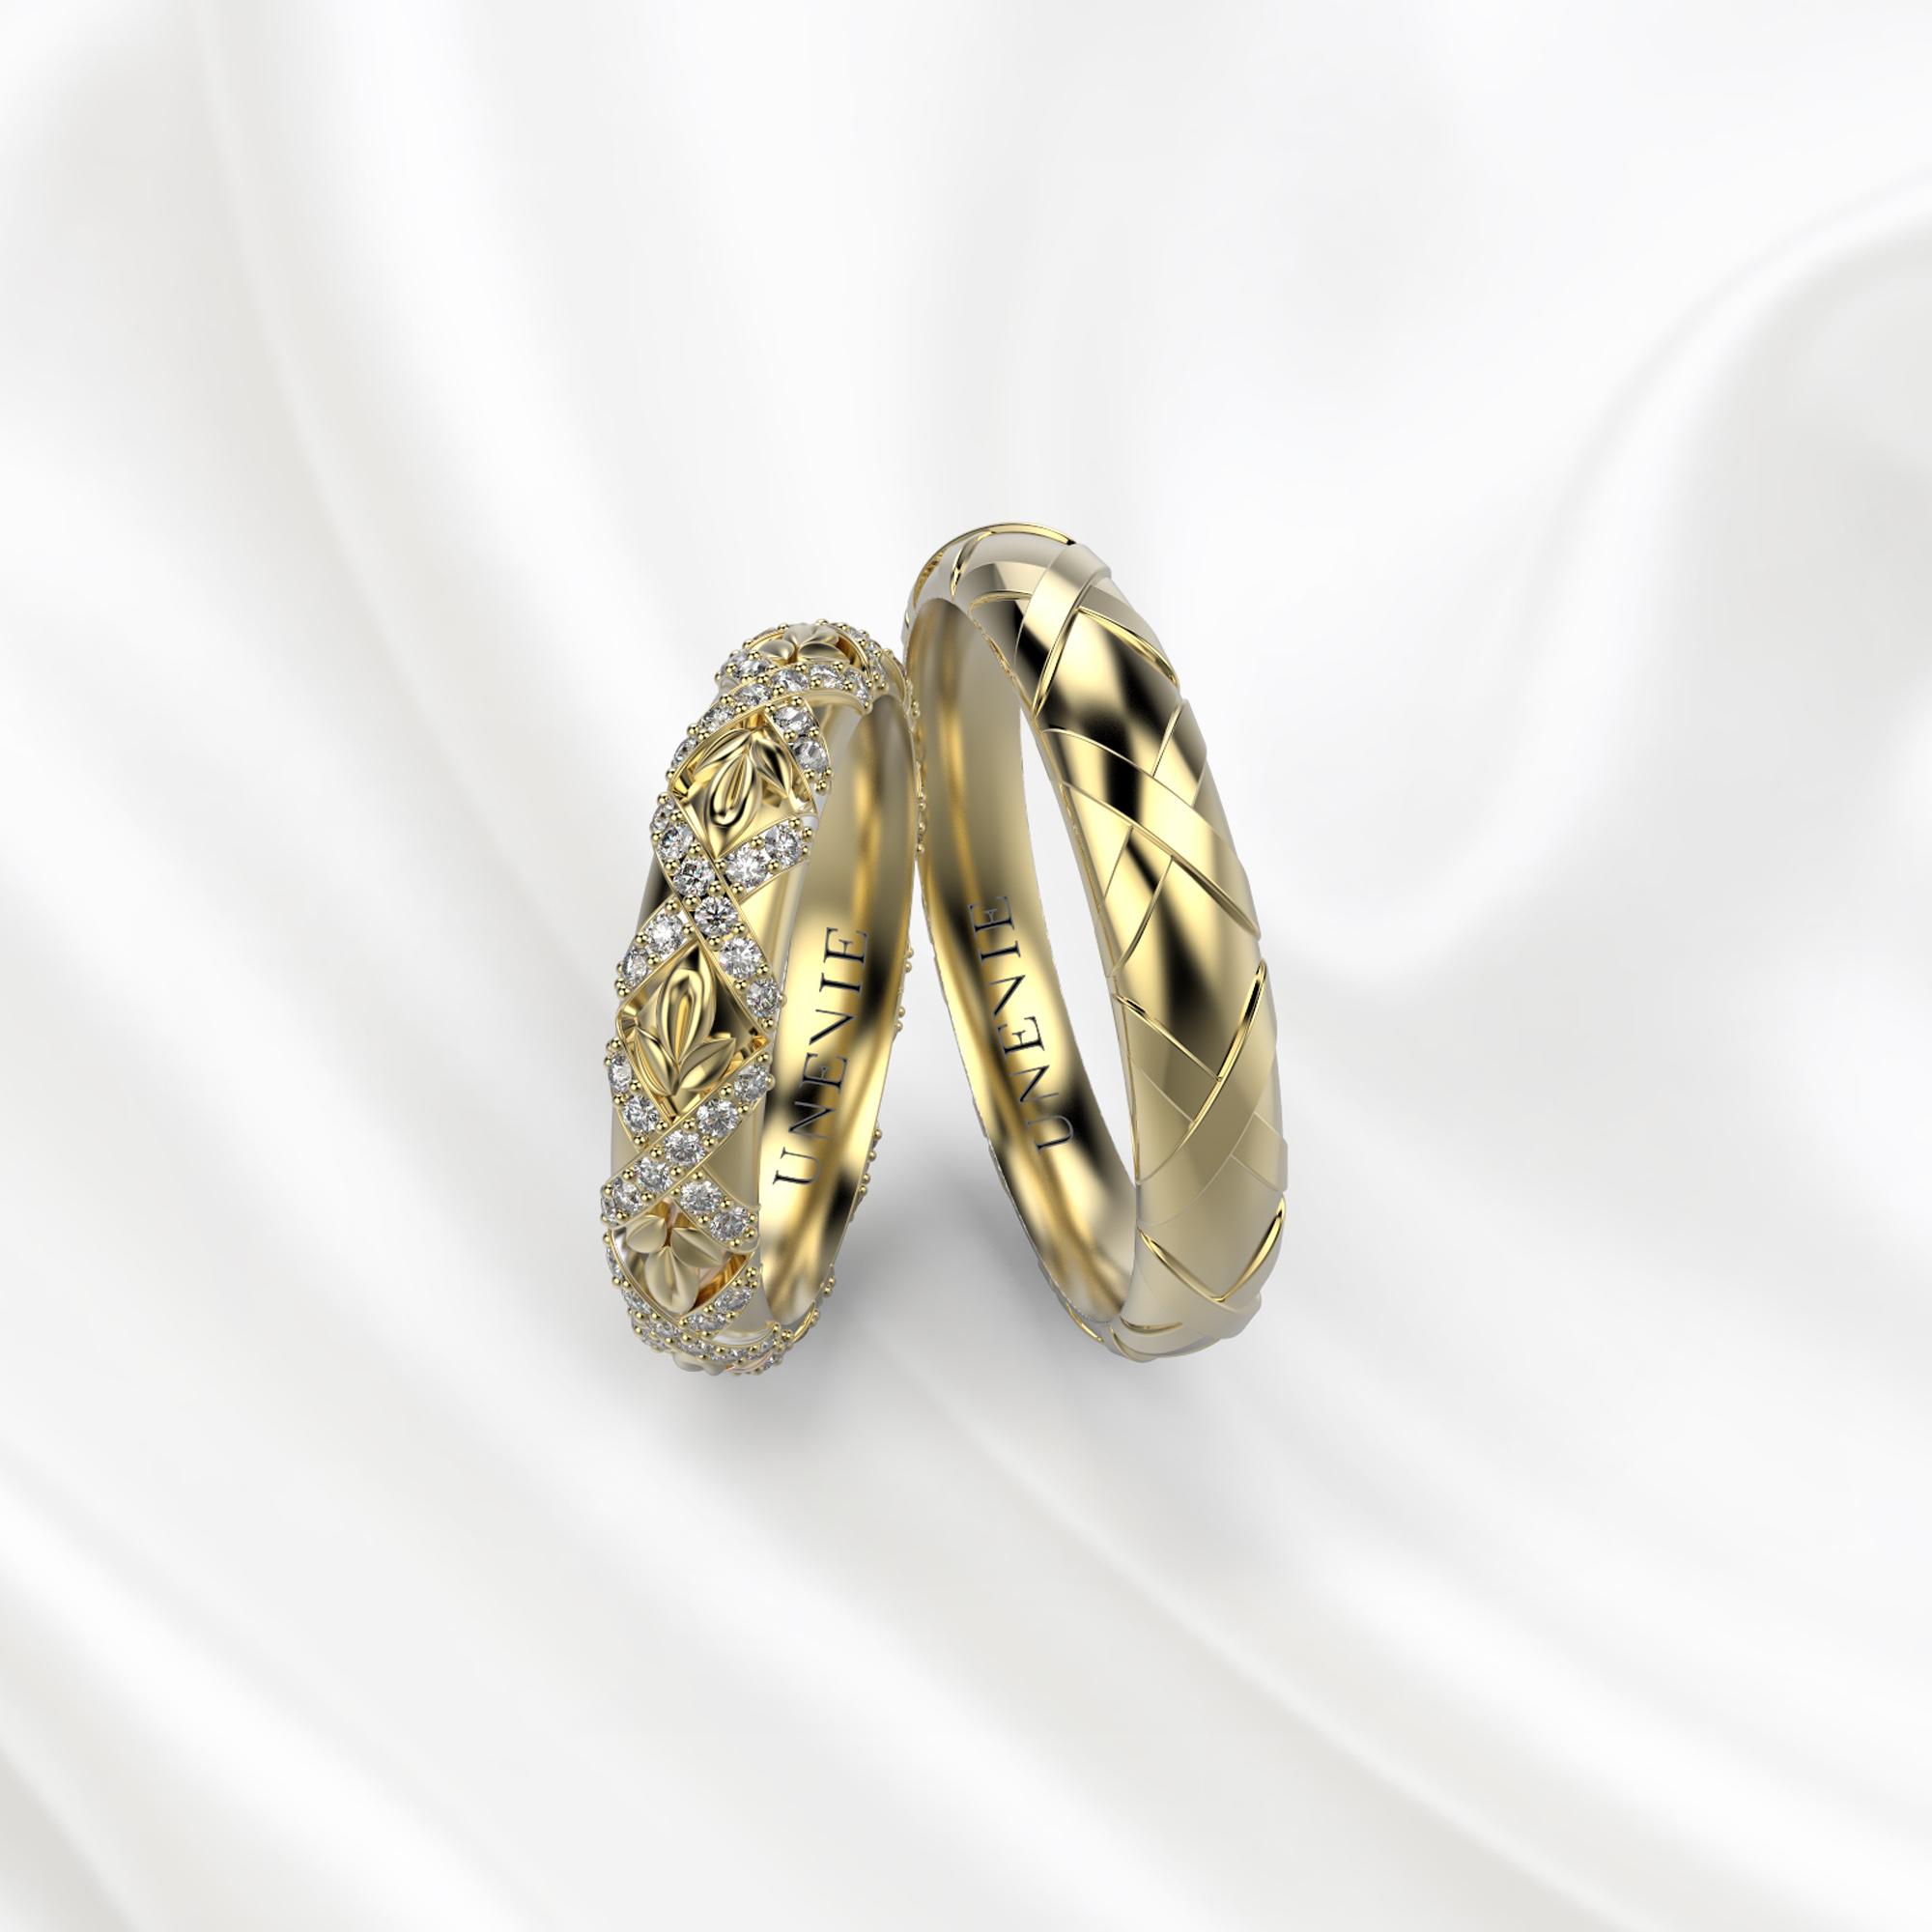 NV27 Обручальные кольца из желтого золота с бриллиантами